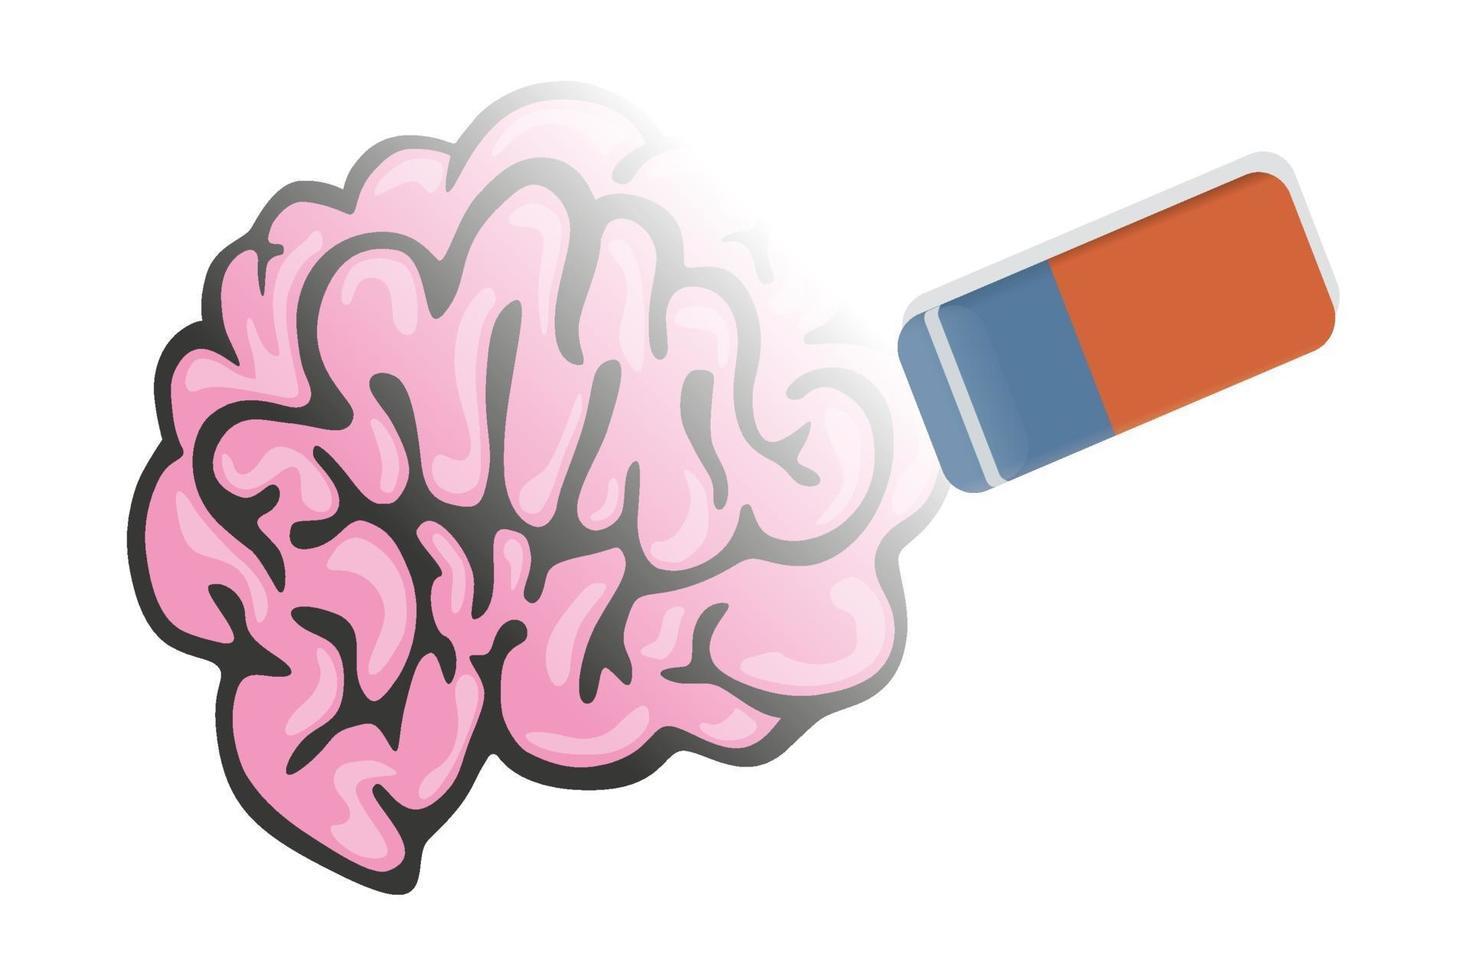 en radergummi raderar minnet av en hjärna vektor